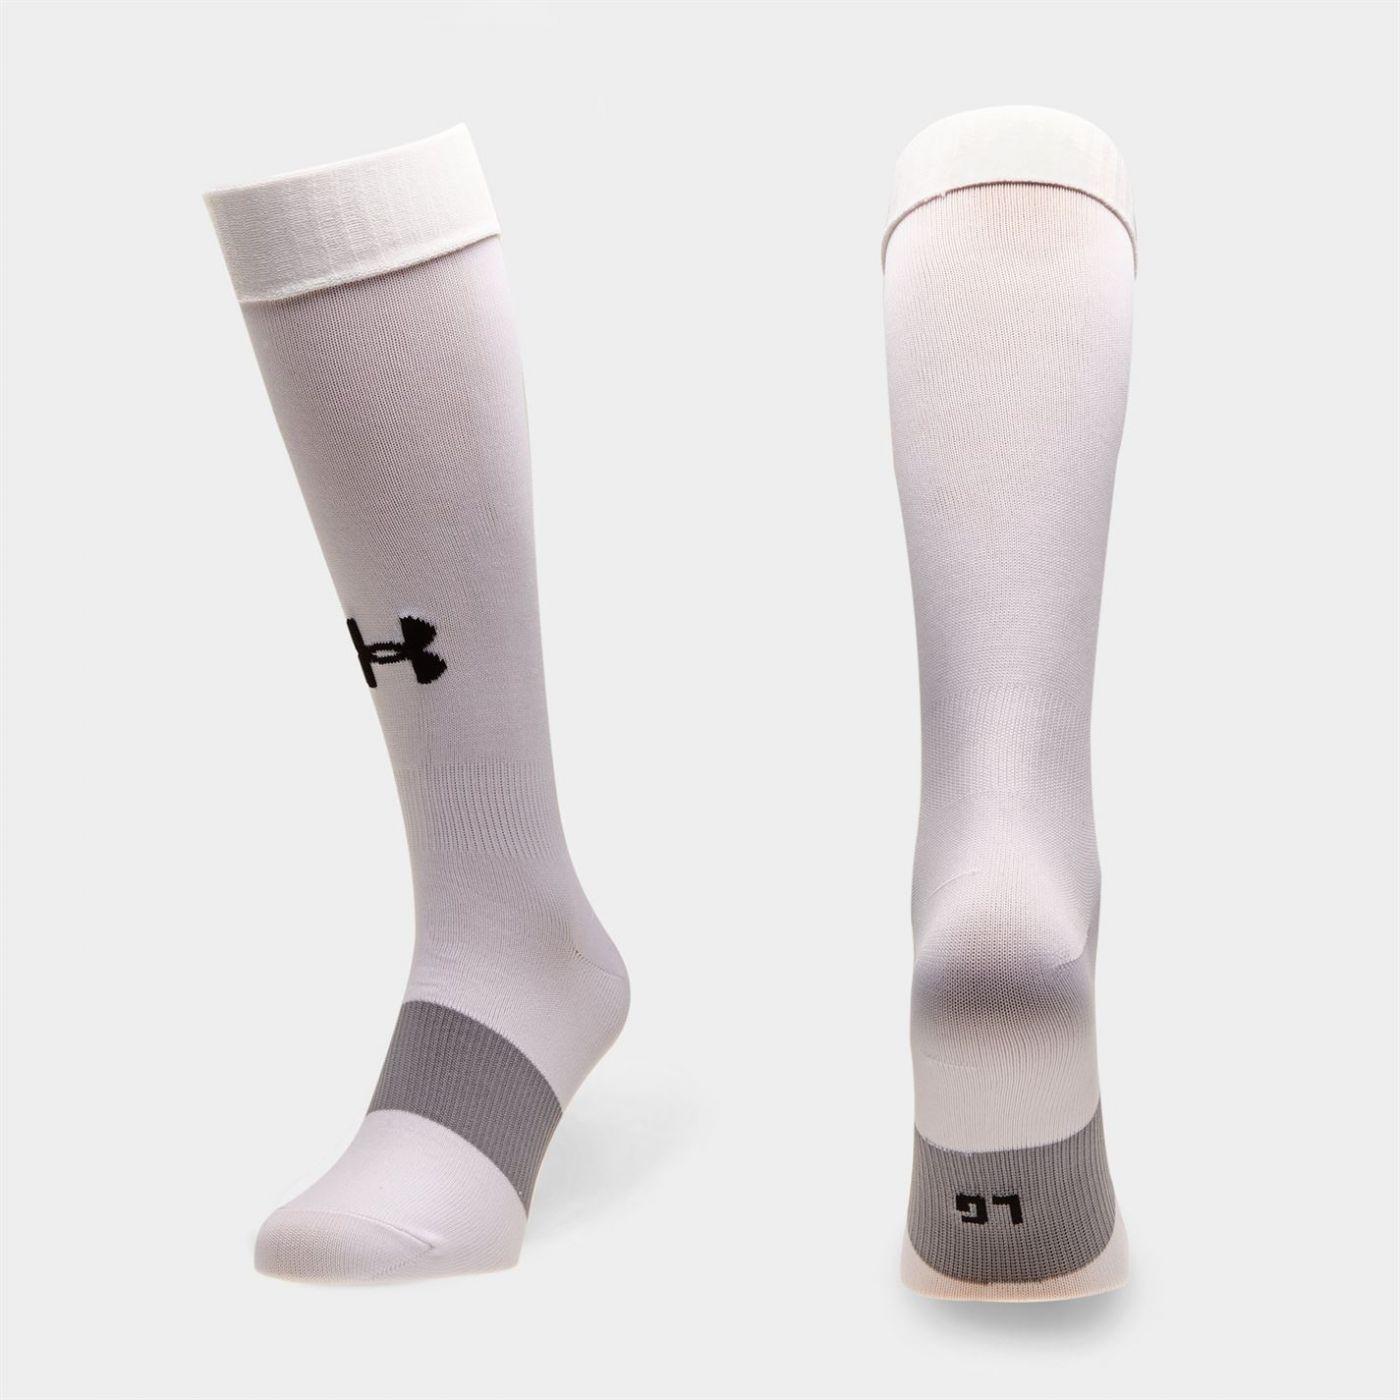 Under Armour Solid Football Socks Mens